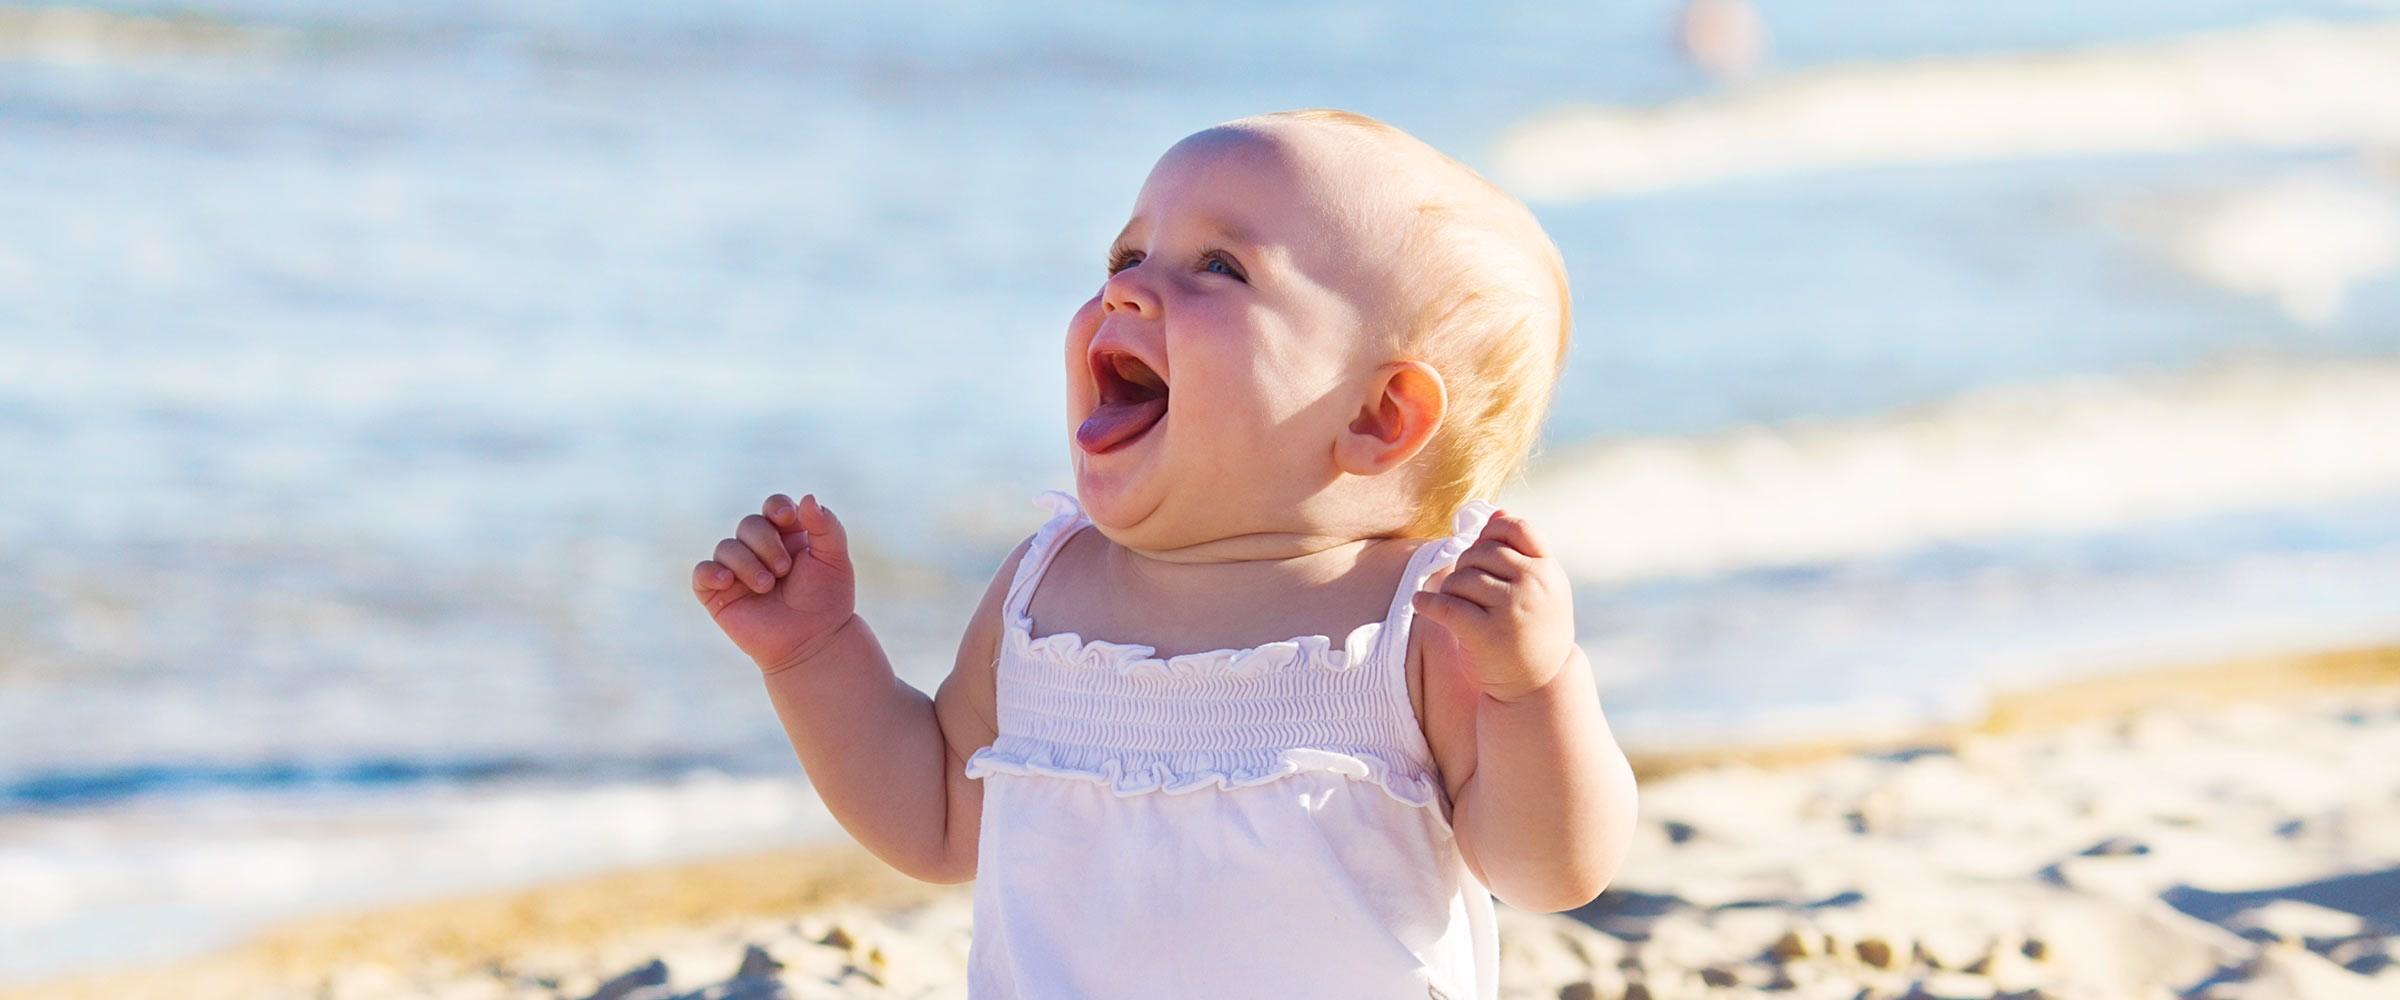 20 tips til forældrene: Den store huskeliste til jeres første babyrejse